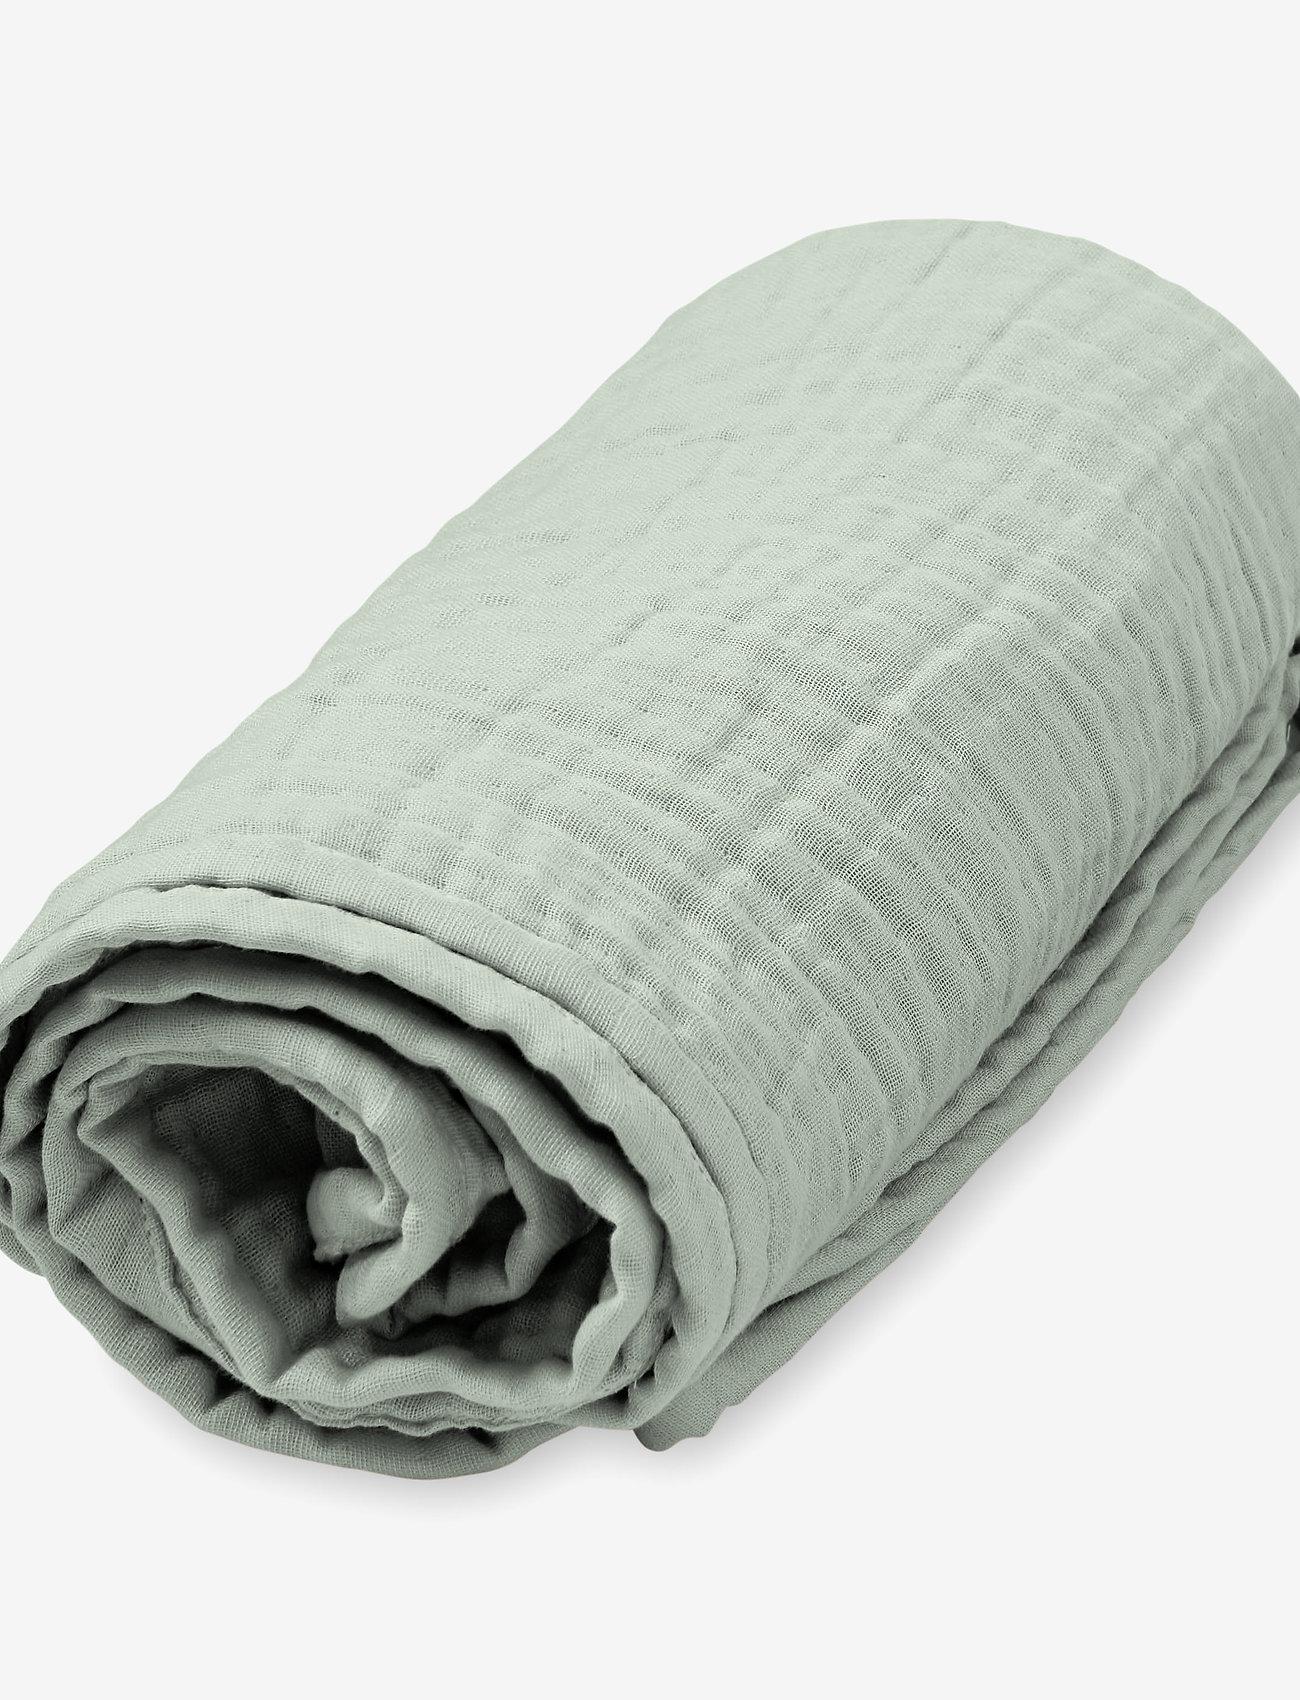 Muslin Blanket, Baby - GOTS Dusty Rose